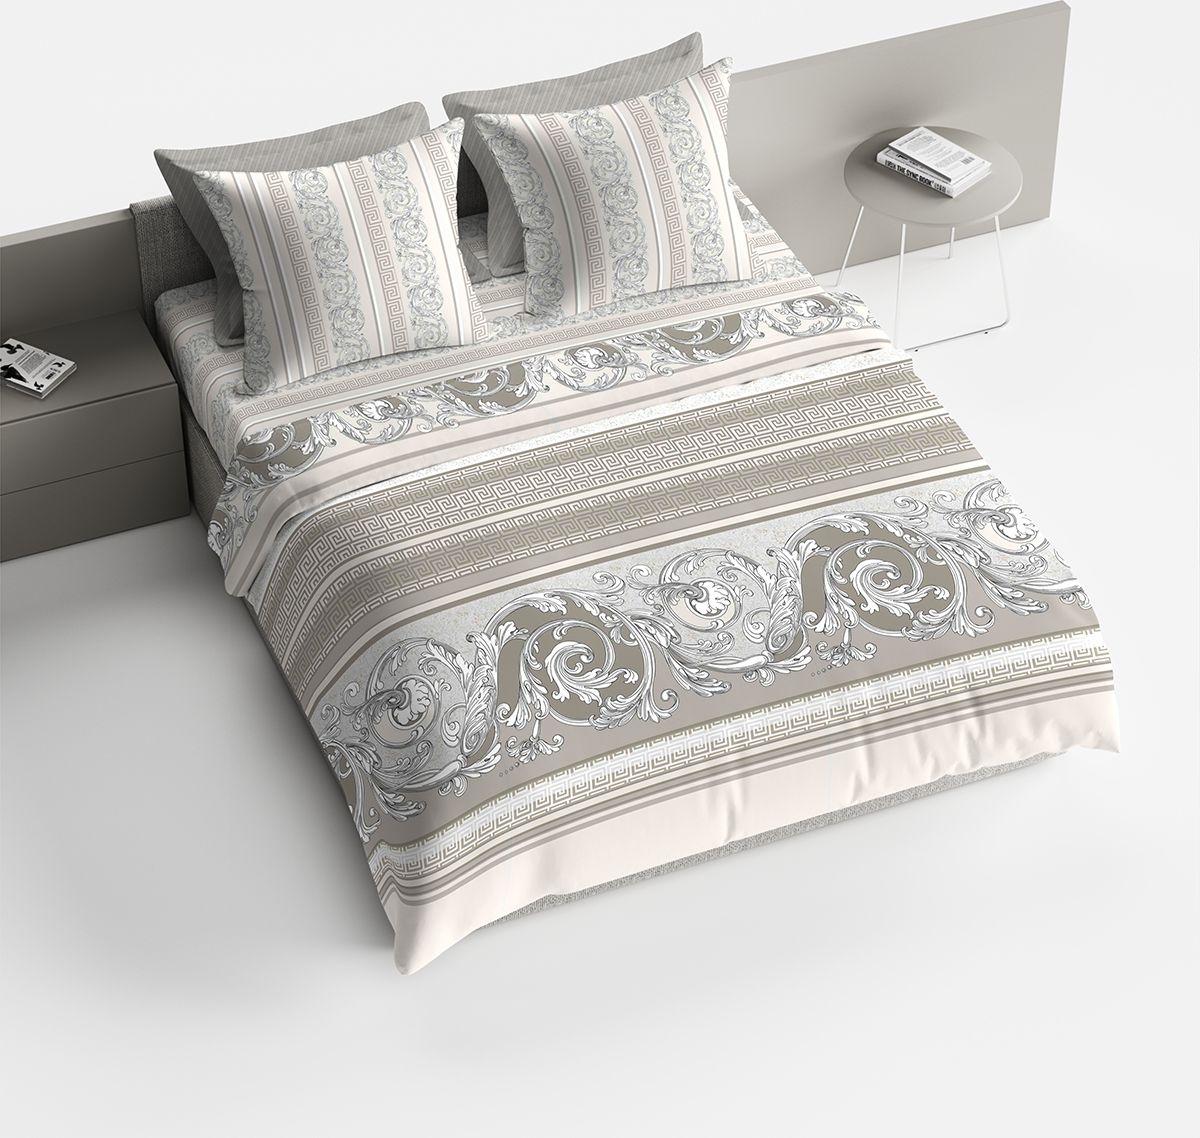 Комплект белья Браво Барокко, 1,5-спальное, наволочки 70x70, цвет: серыйDAVC150Комплекты постельного белья из ткани LUX COTTON (высококачественный поплин), сотканной из длинноволокнистого египетского хлопка, созданы специально для людей с оригинальным вкусом, предпочитающим современные решения в интерьере. Обновленная стильная упаковка делает этот комплект отличным подарком. • Равноплотная ткань из 100% хлопка;• Обработана по технологии мерсеризации и санфоризации;• Мягкая и нежная на ощупь;• Устойчива к трению;• Обладает высокими показателями гигроскопичности (впитывает влагу);• Выдерживает частые стирки, сохраняя первоначальные цвет, форму и размеры;• Безопасные красители ведущего немецкого производителя BEZEMA